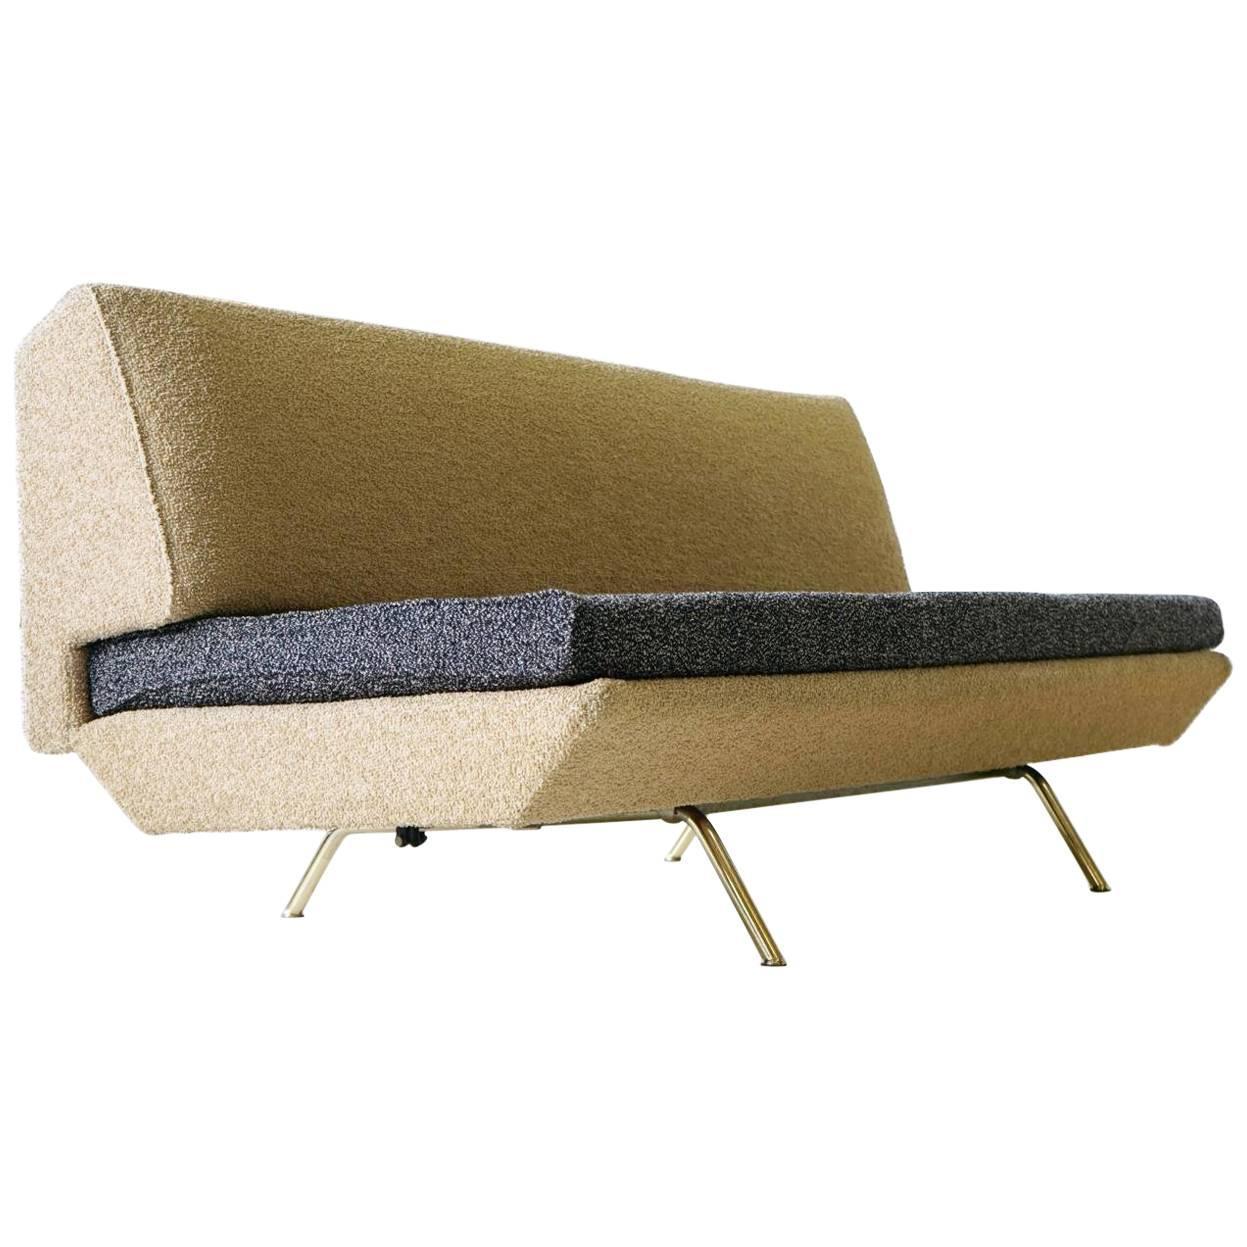 Canap Sofa Italia. Simple Canap Sofa Italia With Canap Sofa Italia ...